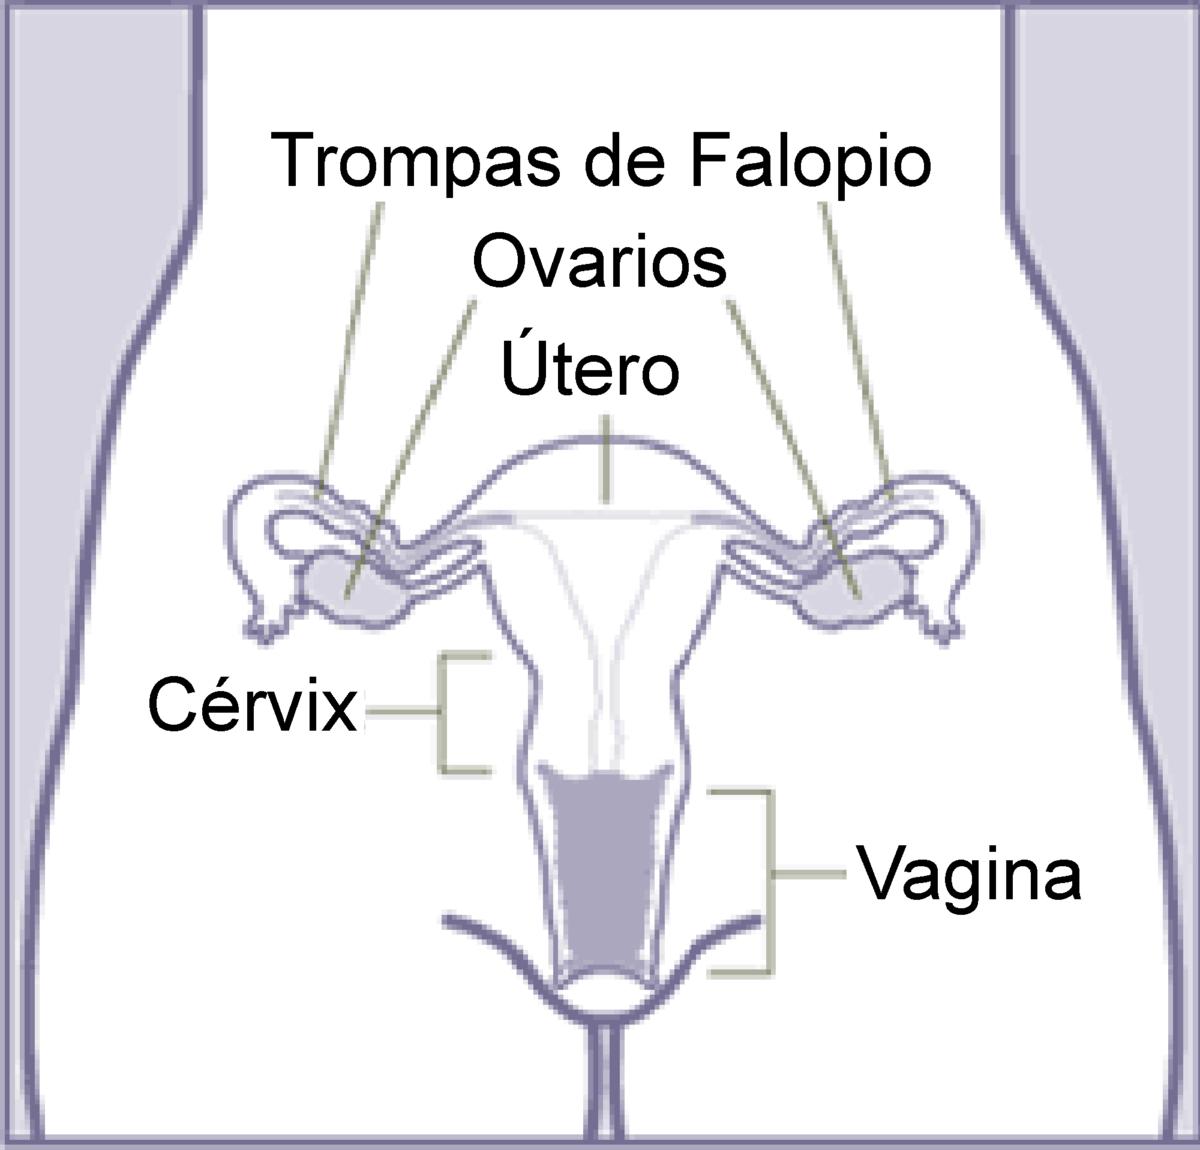 Cuello uterino - Wikipedia, la enciclopedia libre